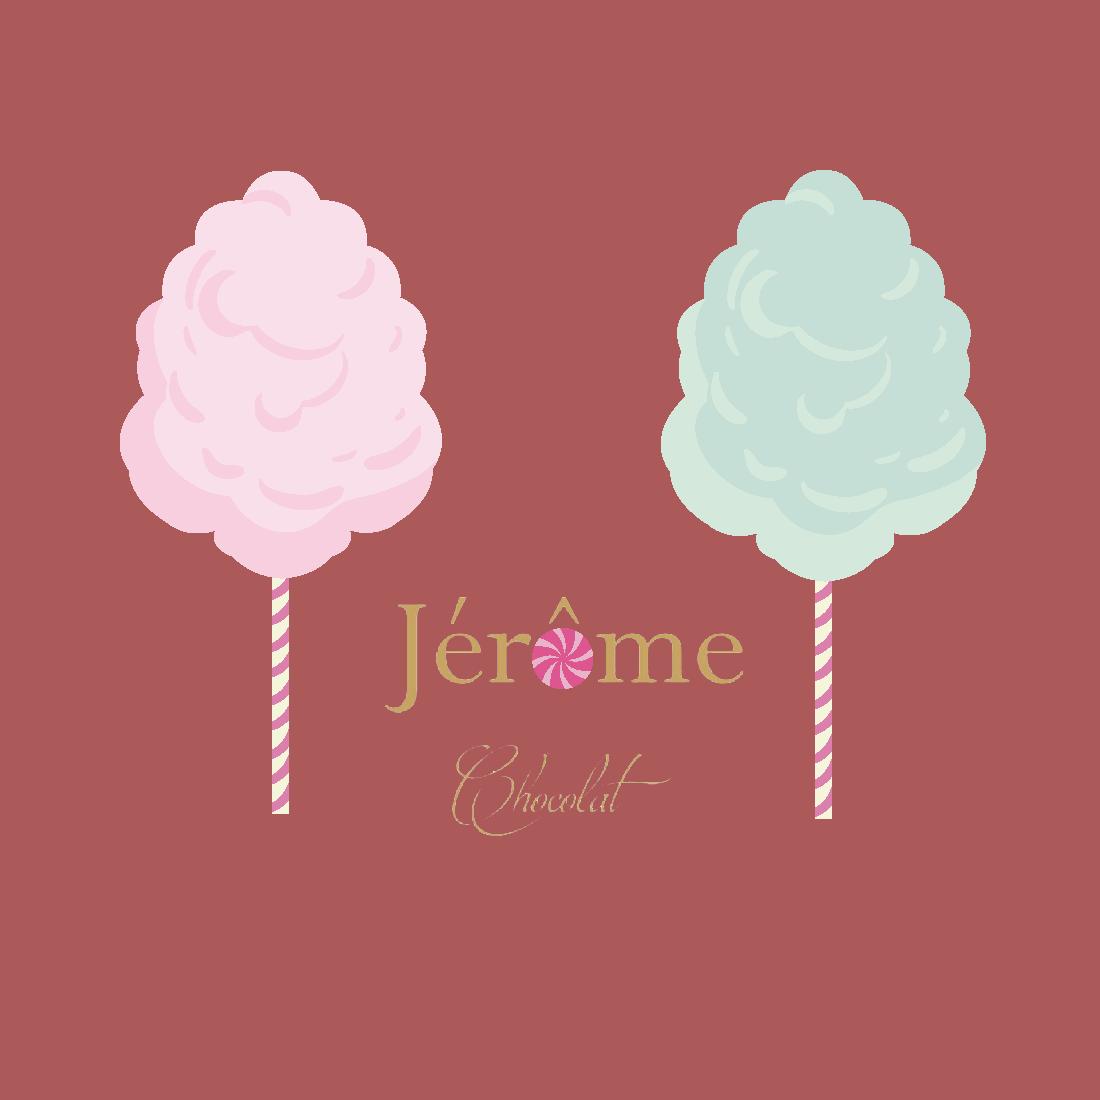 jerome-chocalat